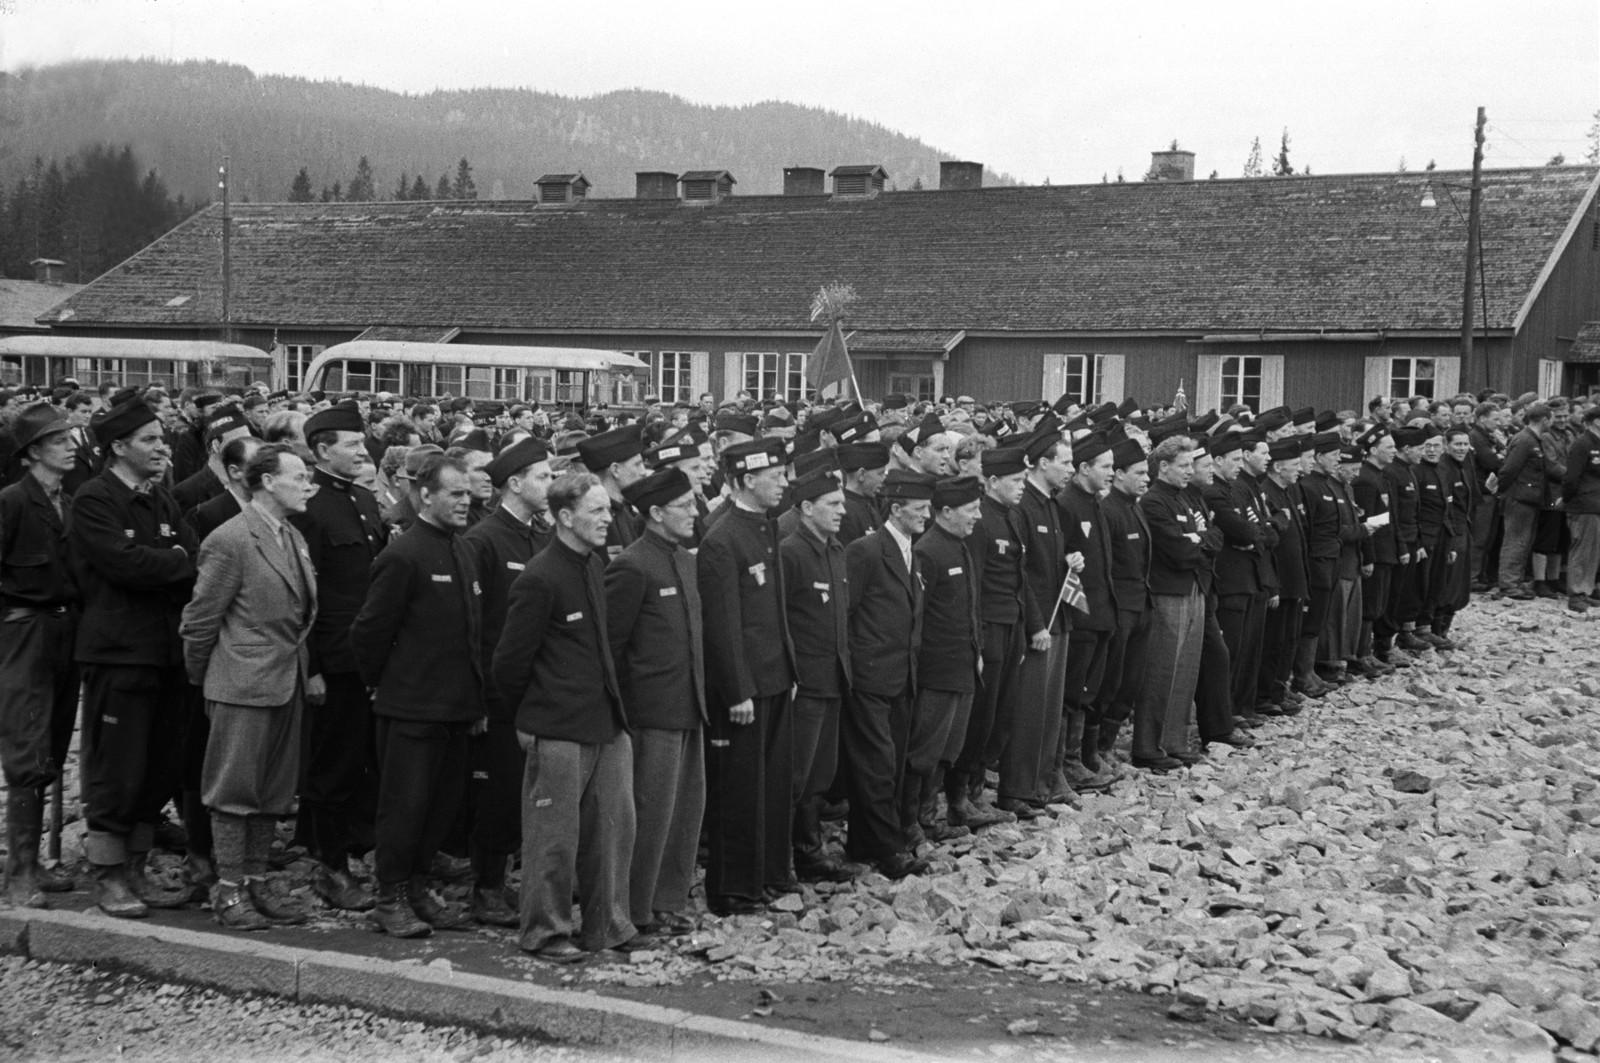 Fangene står oppstilt for sin siste appell, før de skal bli fraktet hjem i busser.